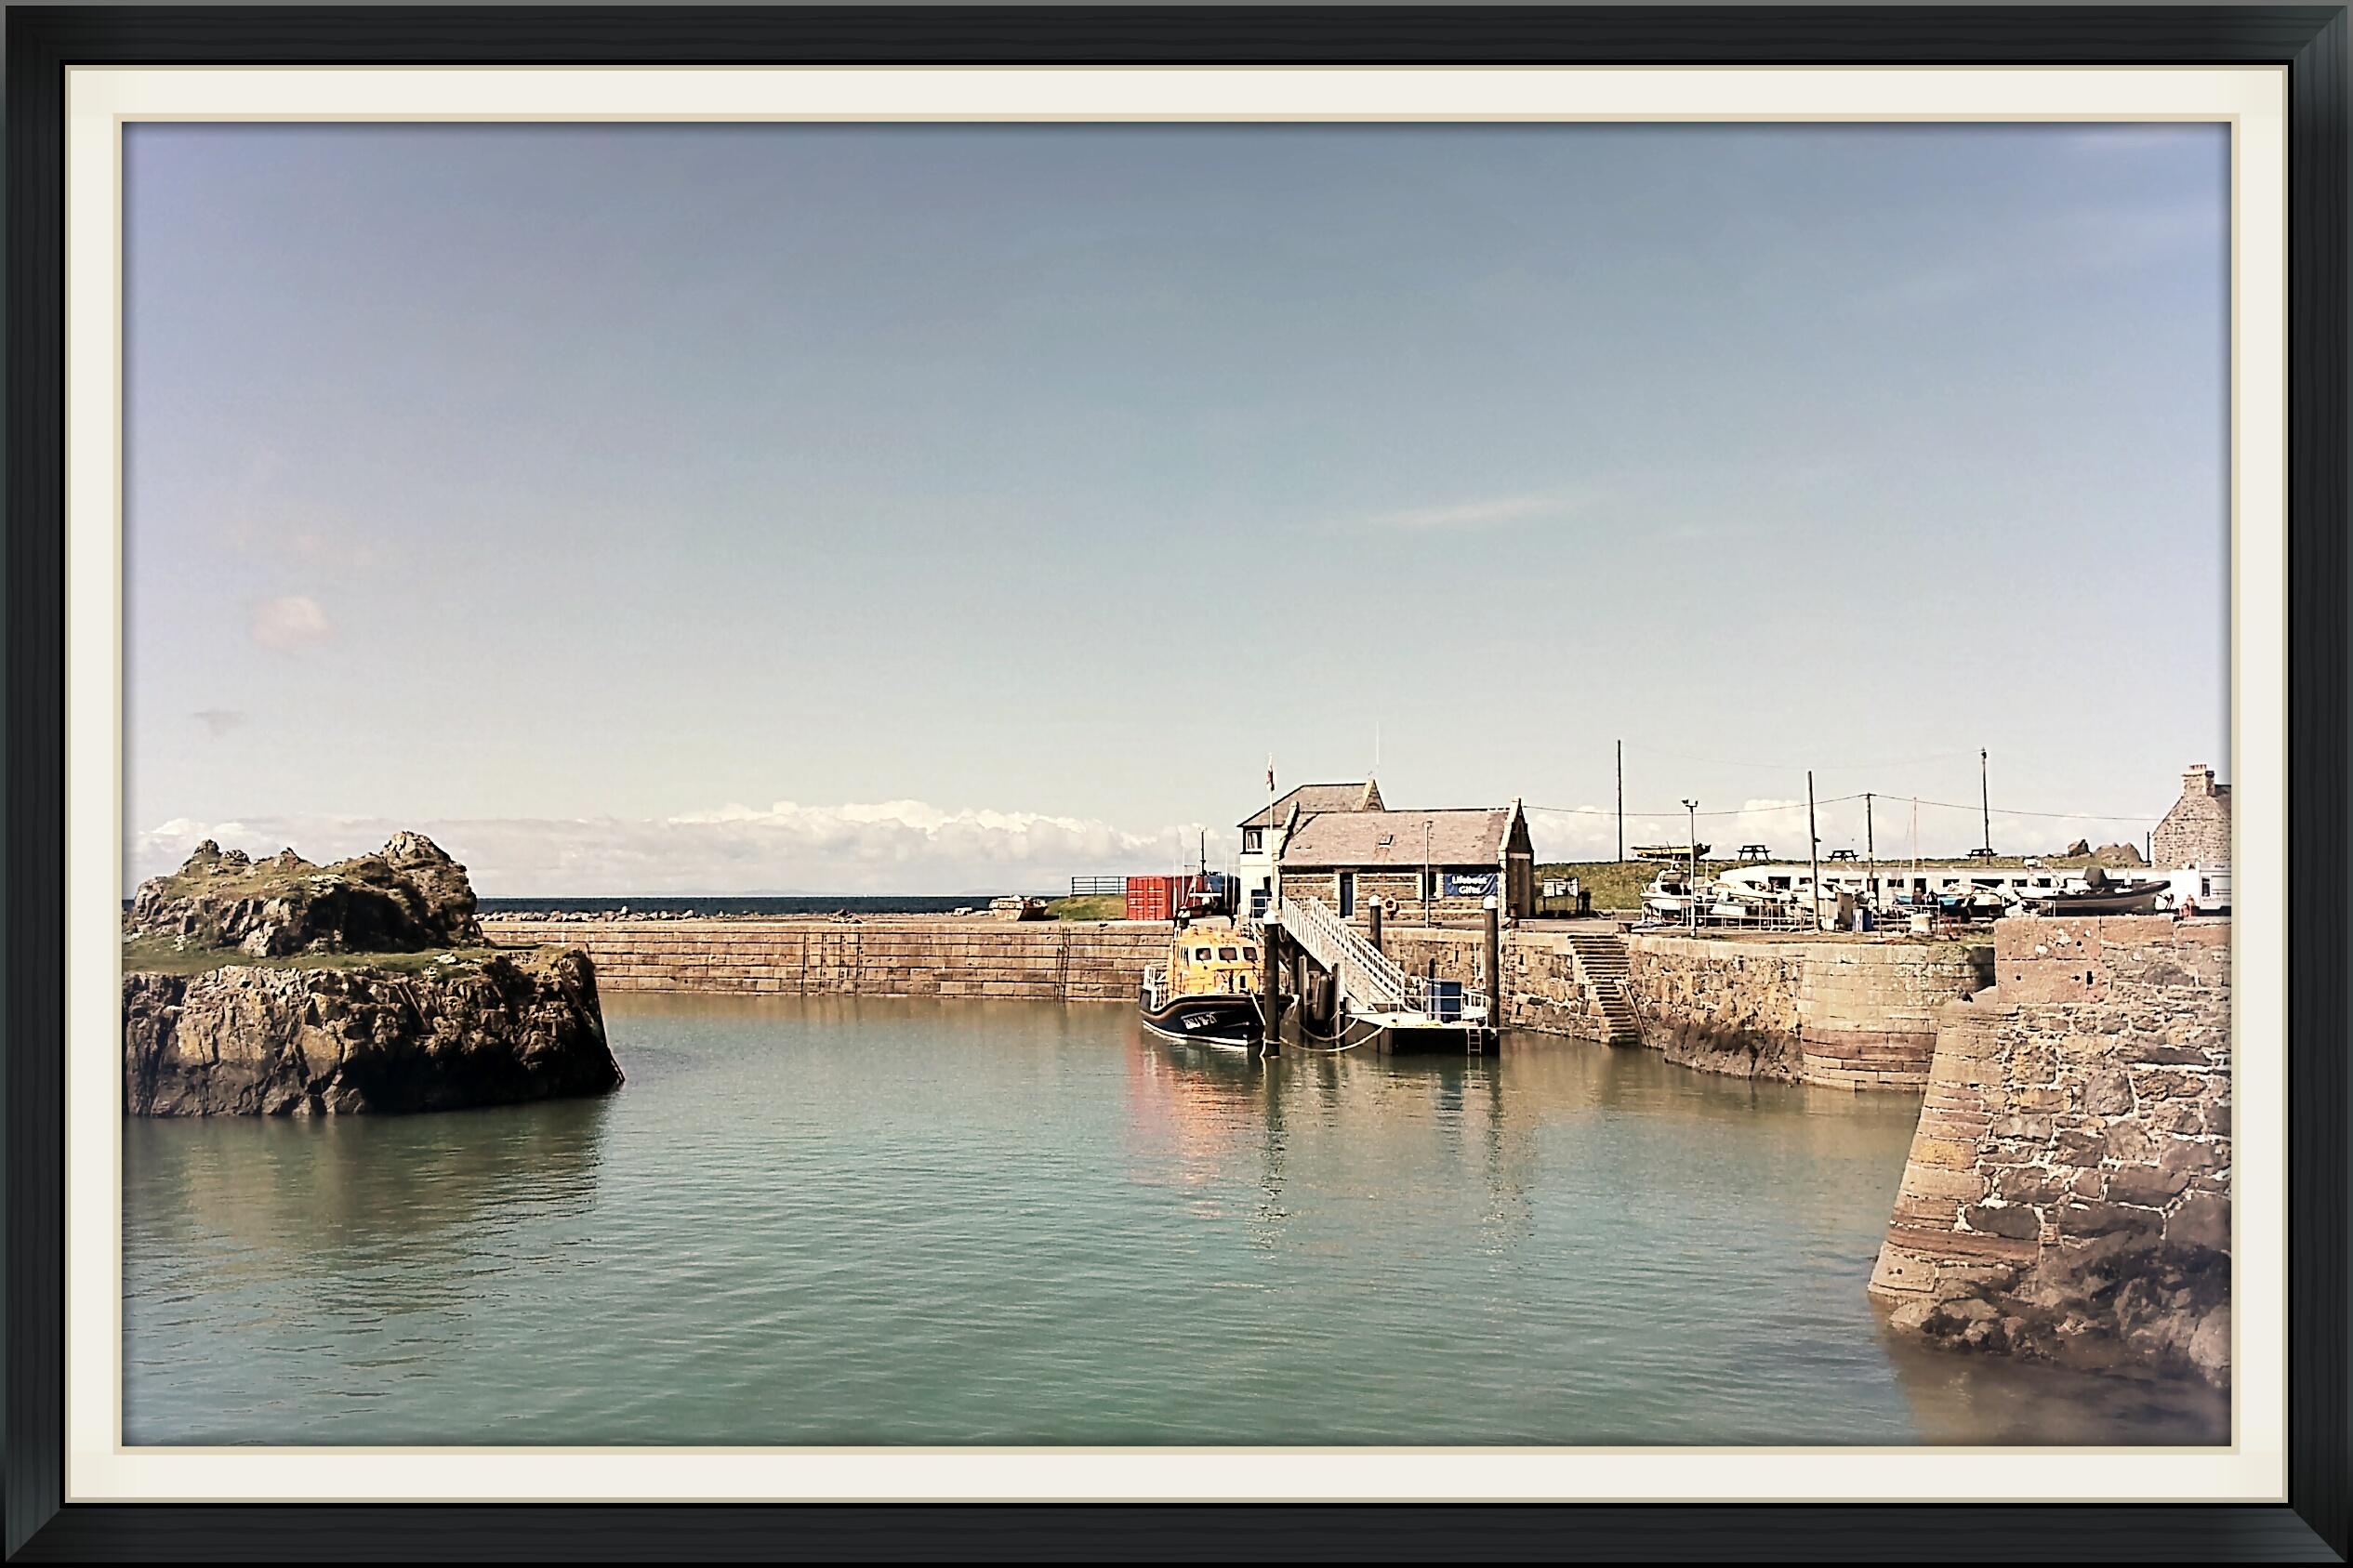 Lifeboat, Portpatrick Harbour